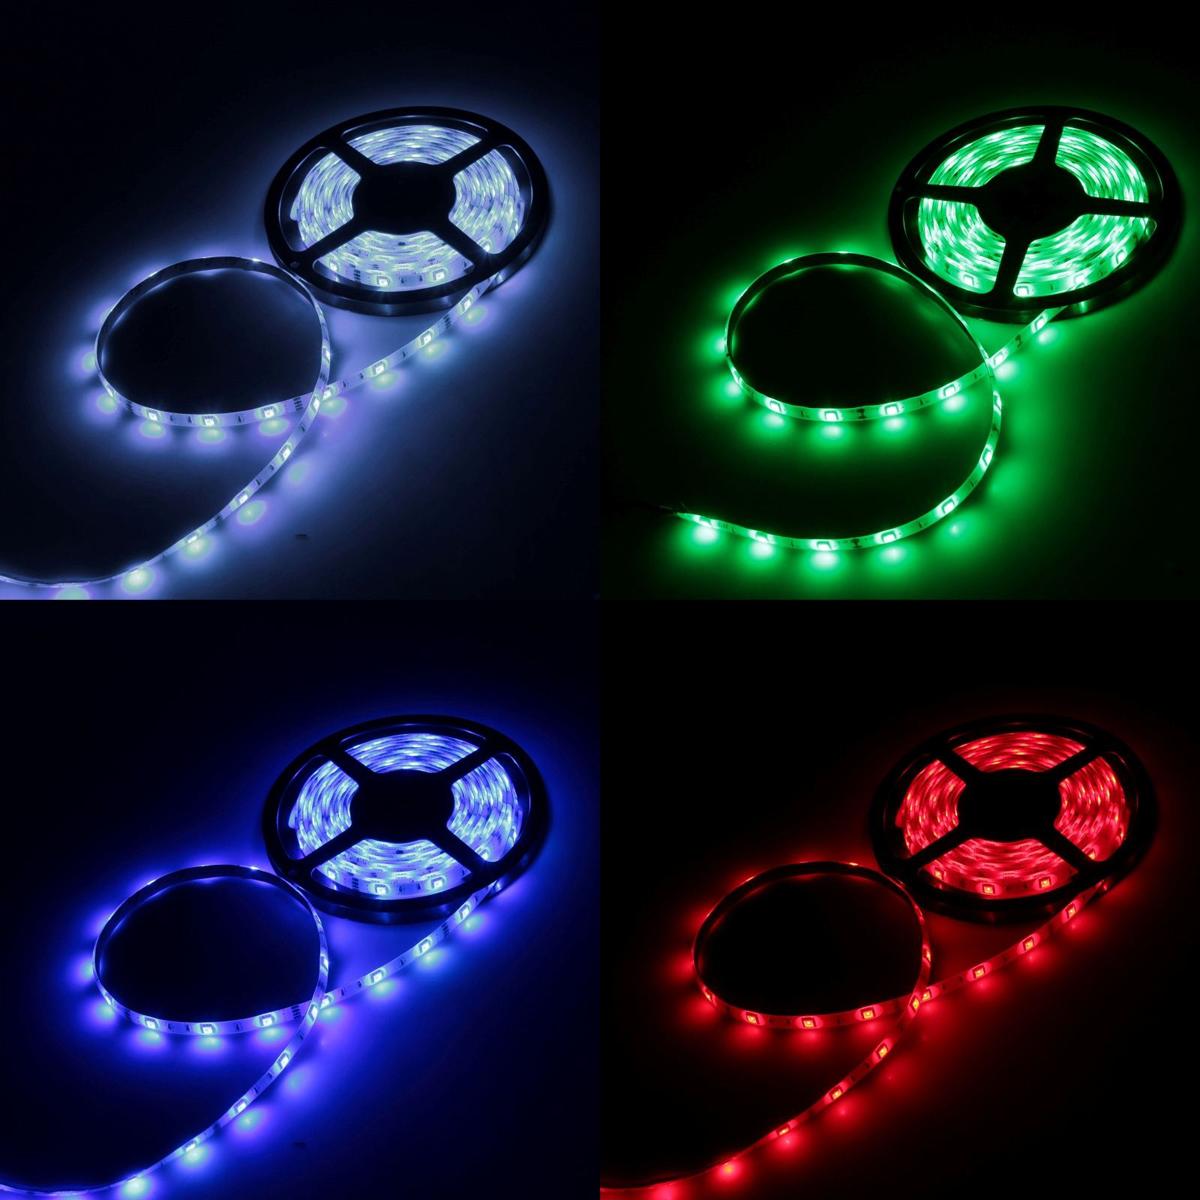 Светодиодная лента Luazon, 12В, SMD5050, длина 5 м, IP33, 30 LED ламп, 7.2 Вт/м, 14-16 Лм/1 LED, DC, цвет: мультиколор883922Светодиодные гирлянды, ленты и т.д — это отличный вариант для новогоднего оформления интерьера или фасада. С их помощью помещение любого размера можно превратить в праздничный зал, а внешние элементы зданий, украшенные ими, мгновенно станут напоминать очертания сказочного дворца. Такие украшения создают ауру предвкушения чуда. Деревья, фасады, витрины, окна и арки будто специально созданы, чтобы вы украсили их светящимися нитями.